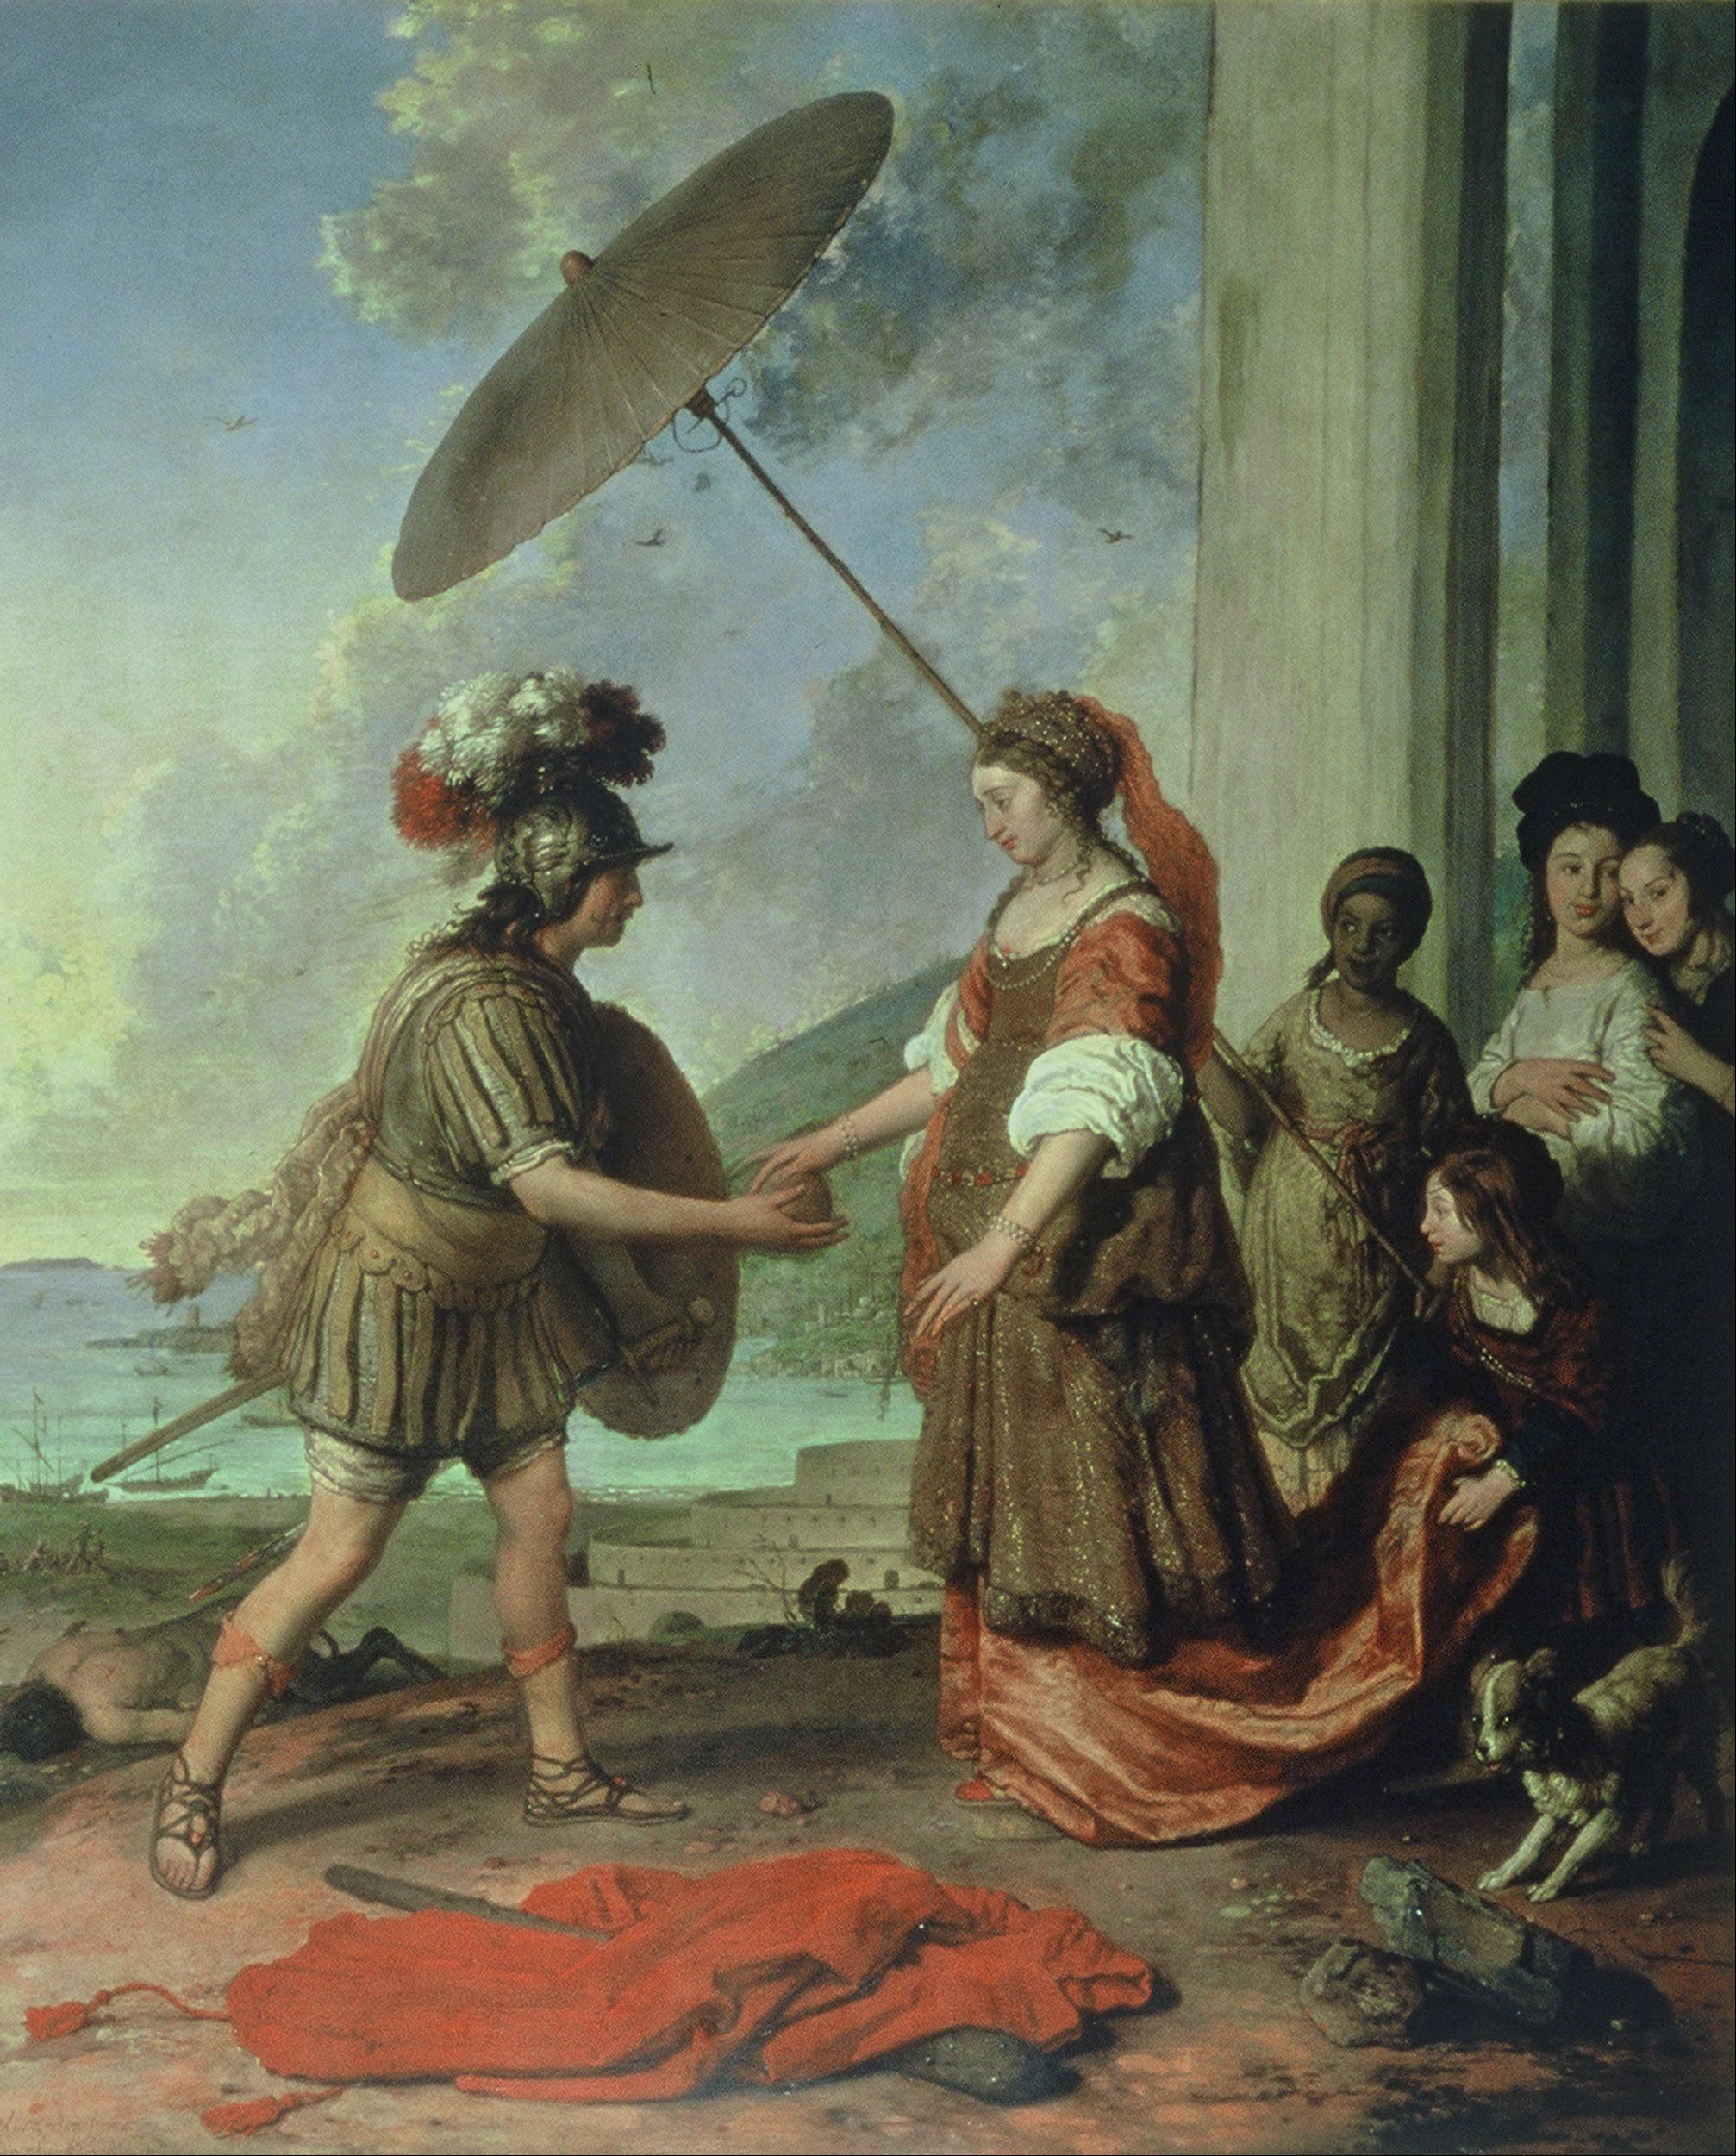 Виллем Cтрейкер. Тесей и Ариадна. 1657 год